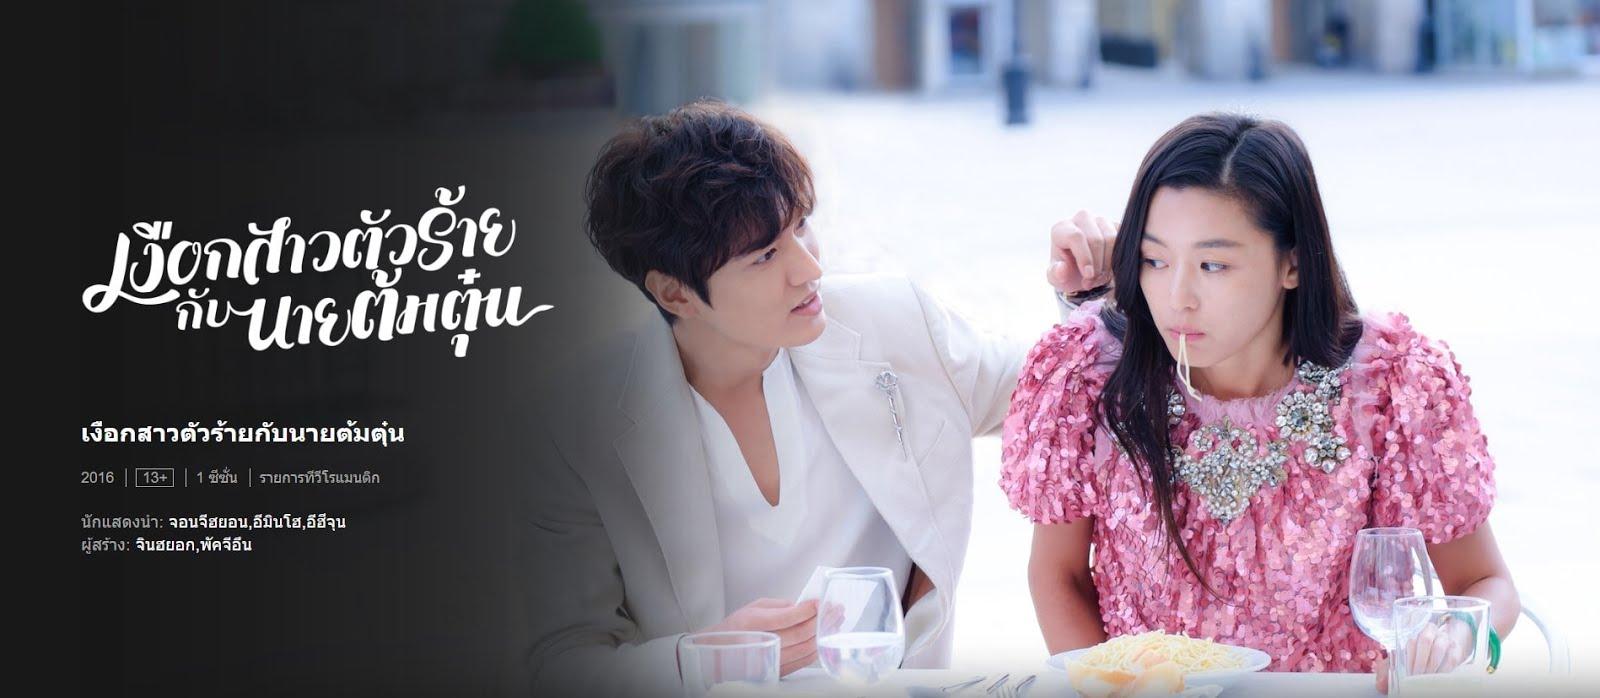 35 ซีรี่ย์เกาหลีสนุกๆ ใน Netflix ดูแล้วคุ้มค่าสมัครแน่นอน!